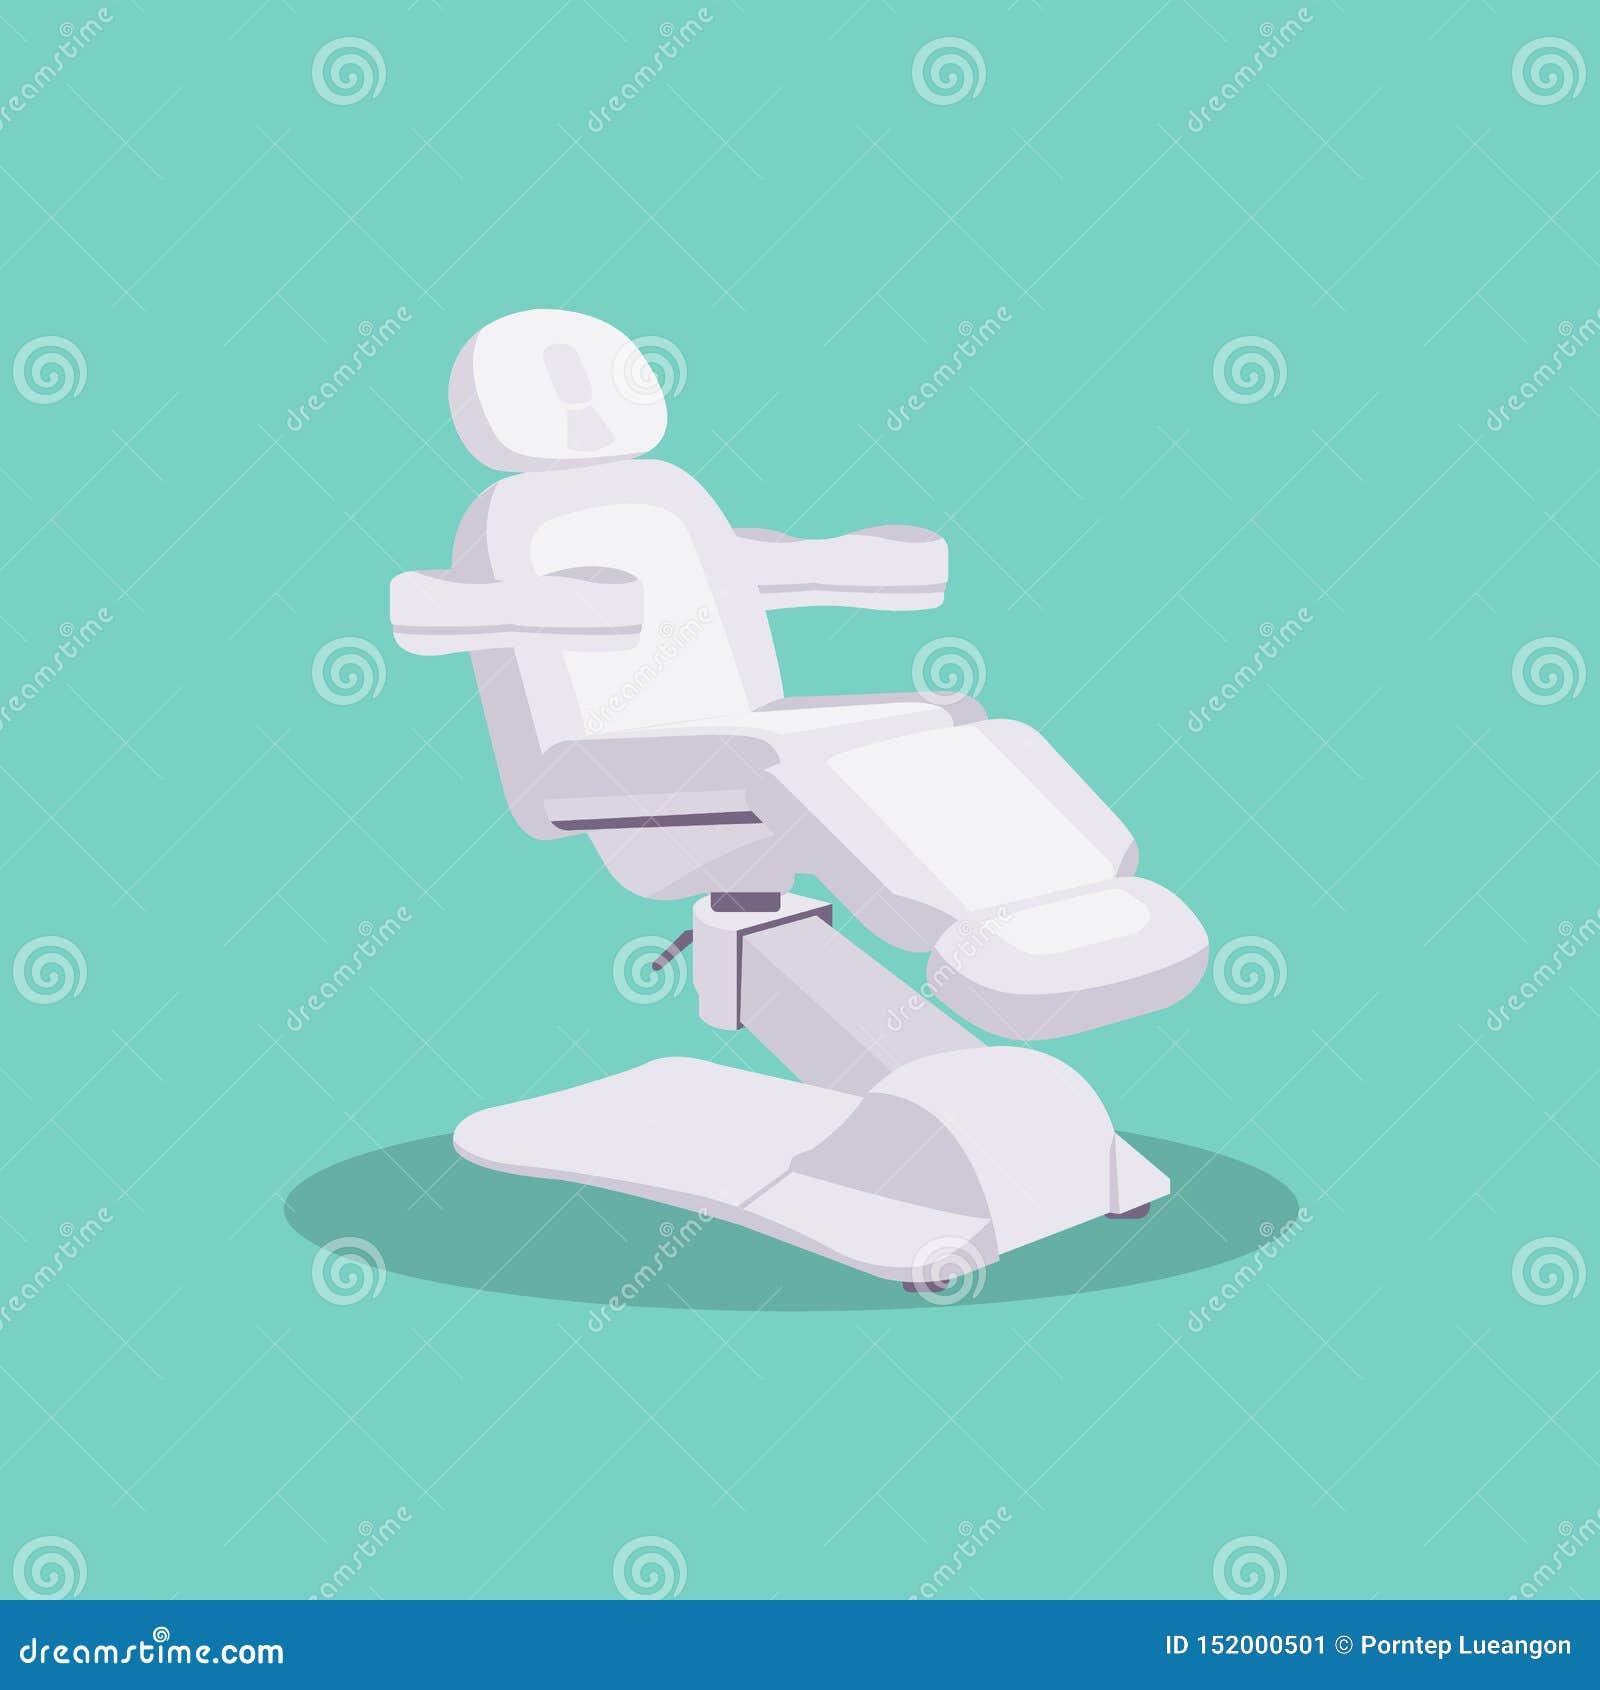 Vetor liso do projeto da clínica ajustável branca da cadeira